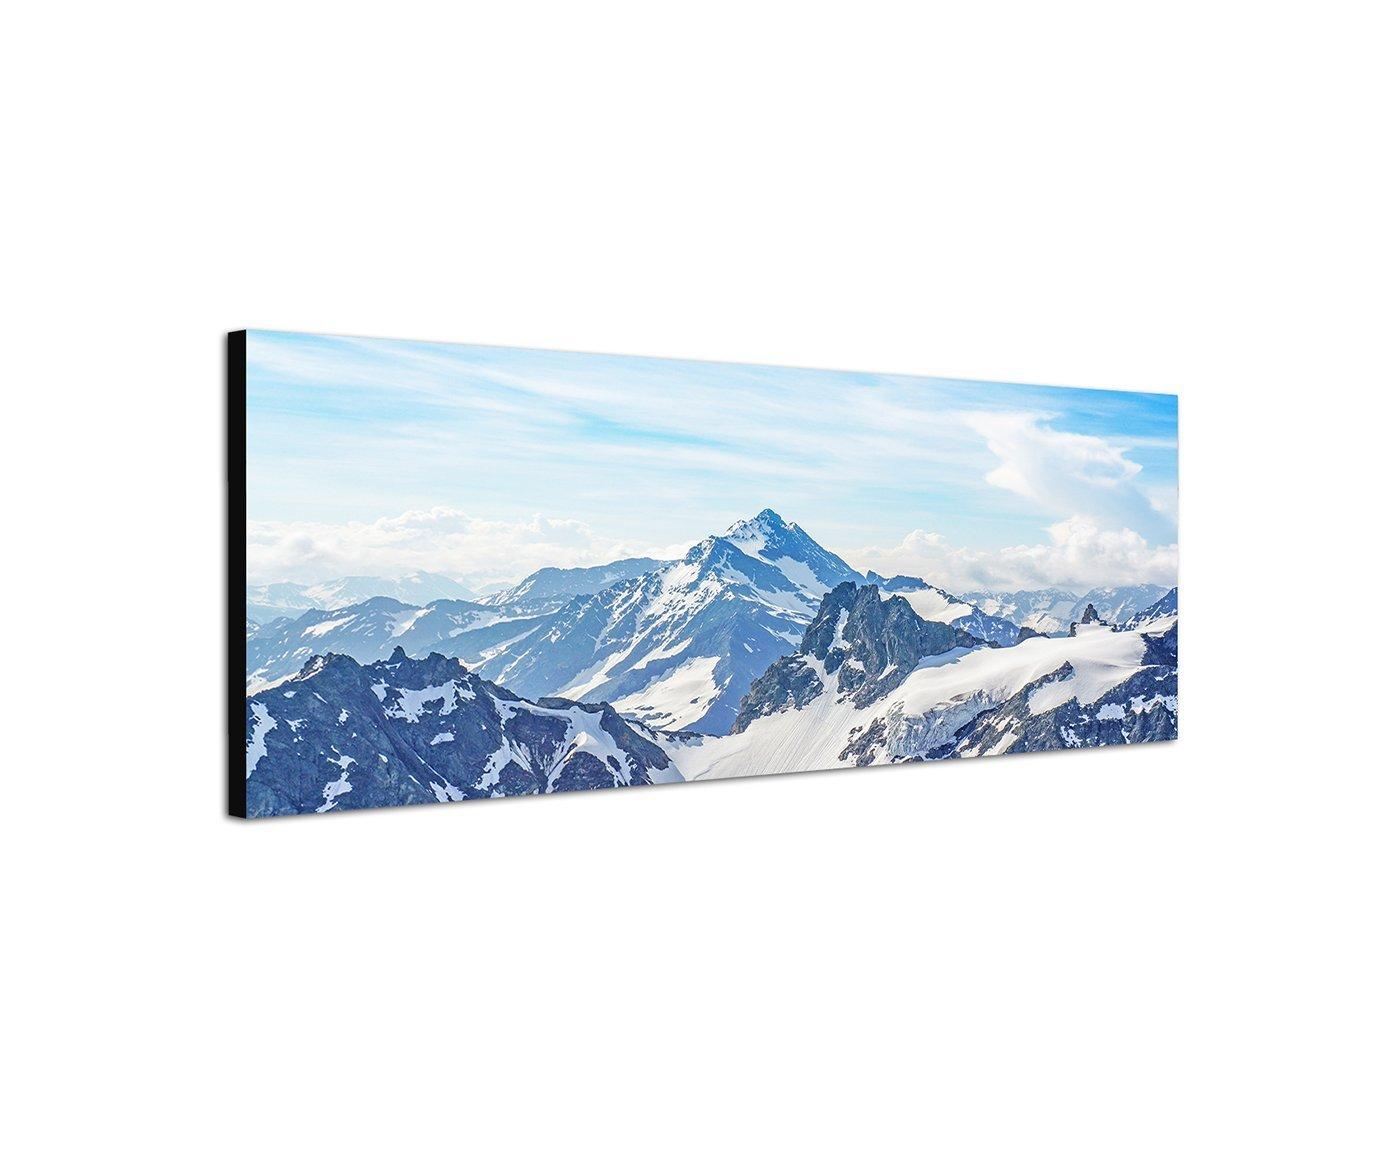 /120/x 40/cm Alpes Montagnes Sommet de Montagne neige Affiche Photos sur toile/